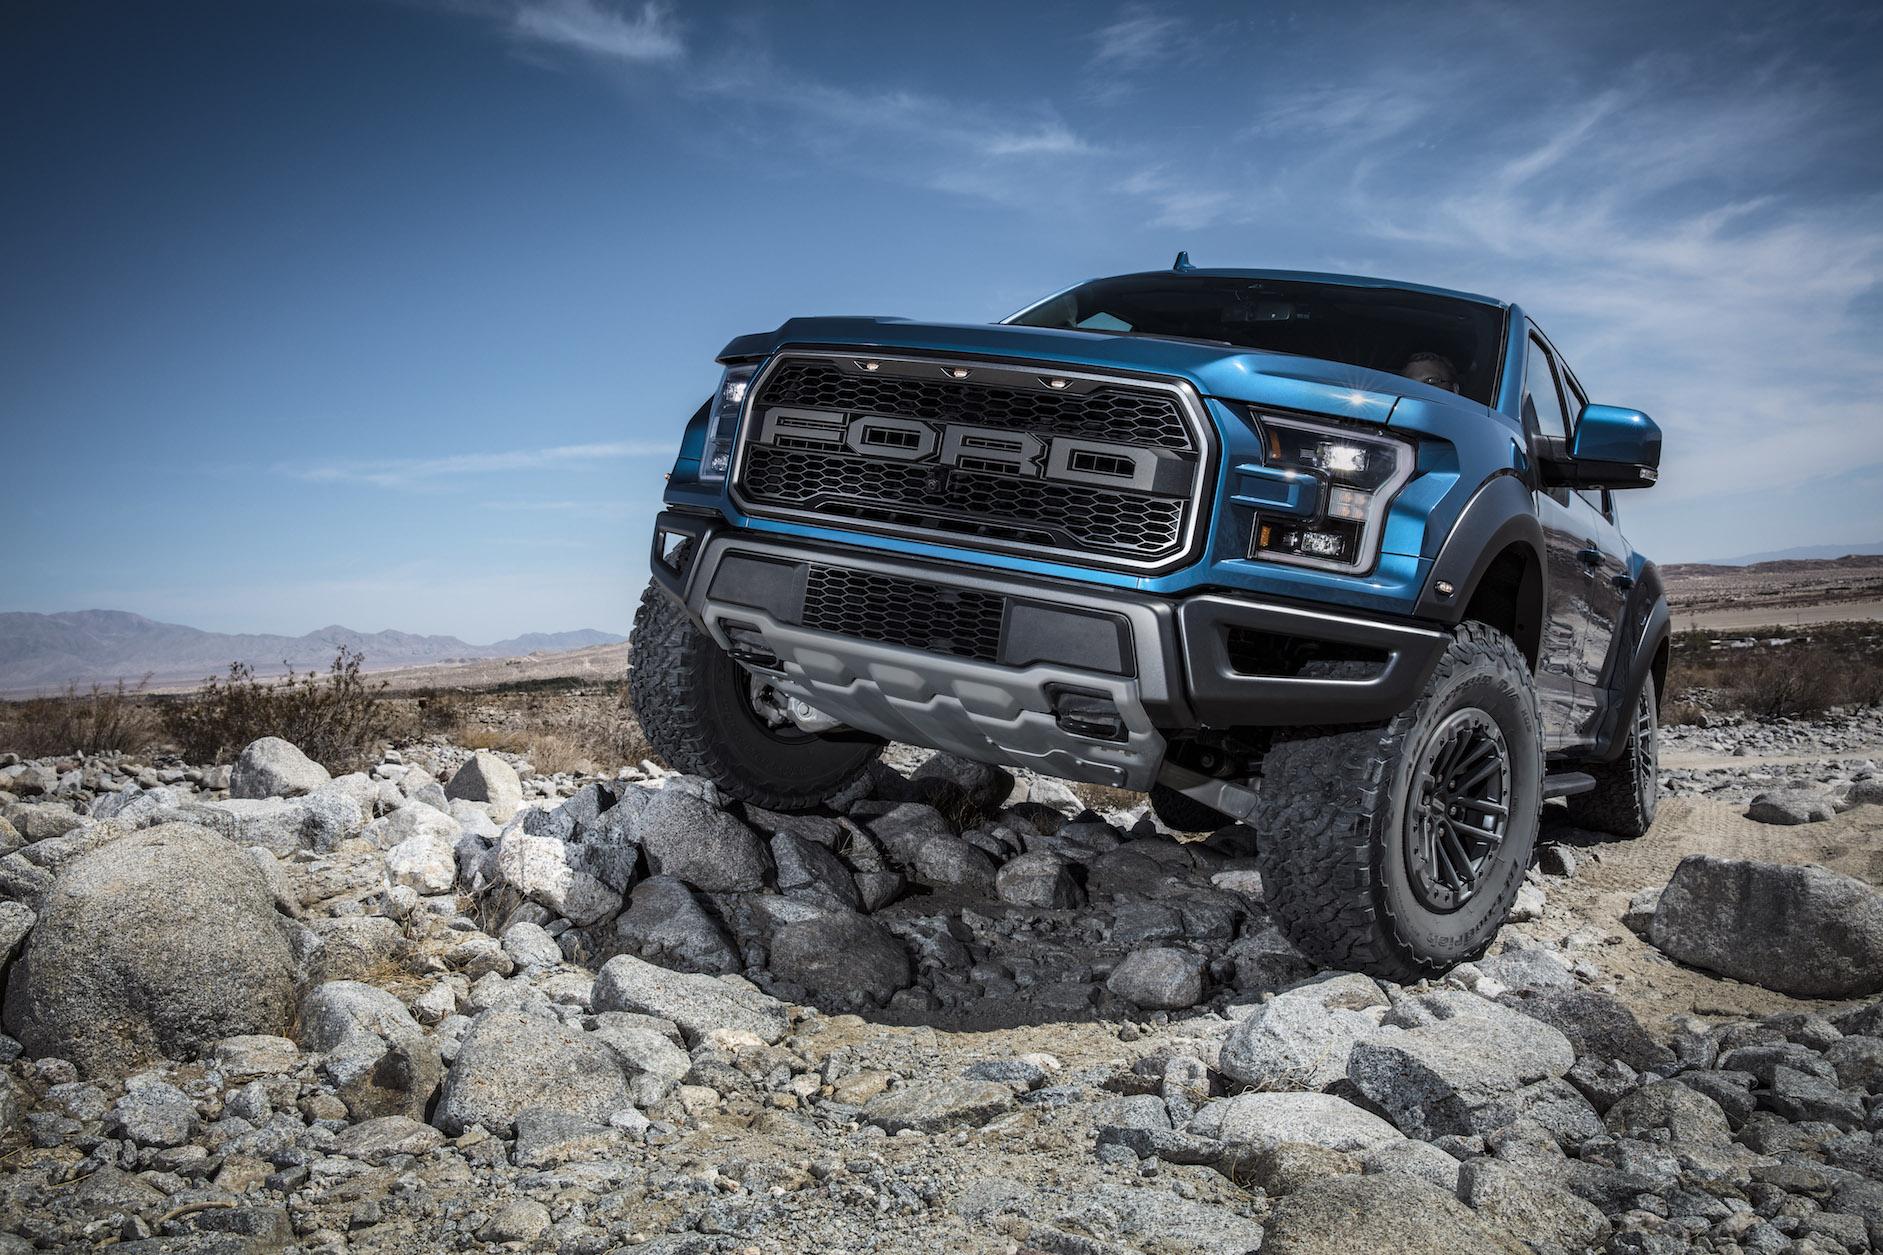 2019 Ford F-150 Raptor Rock Crawling